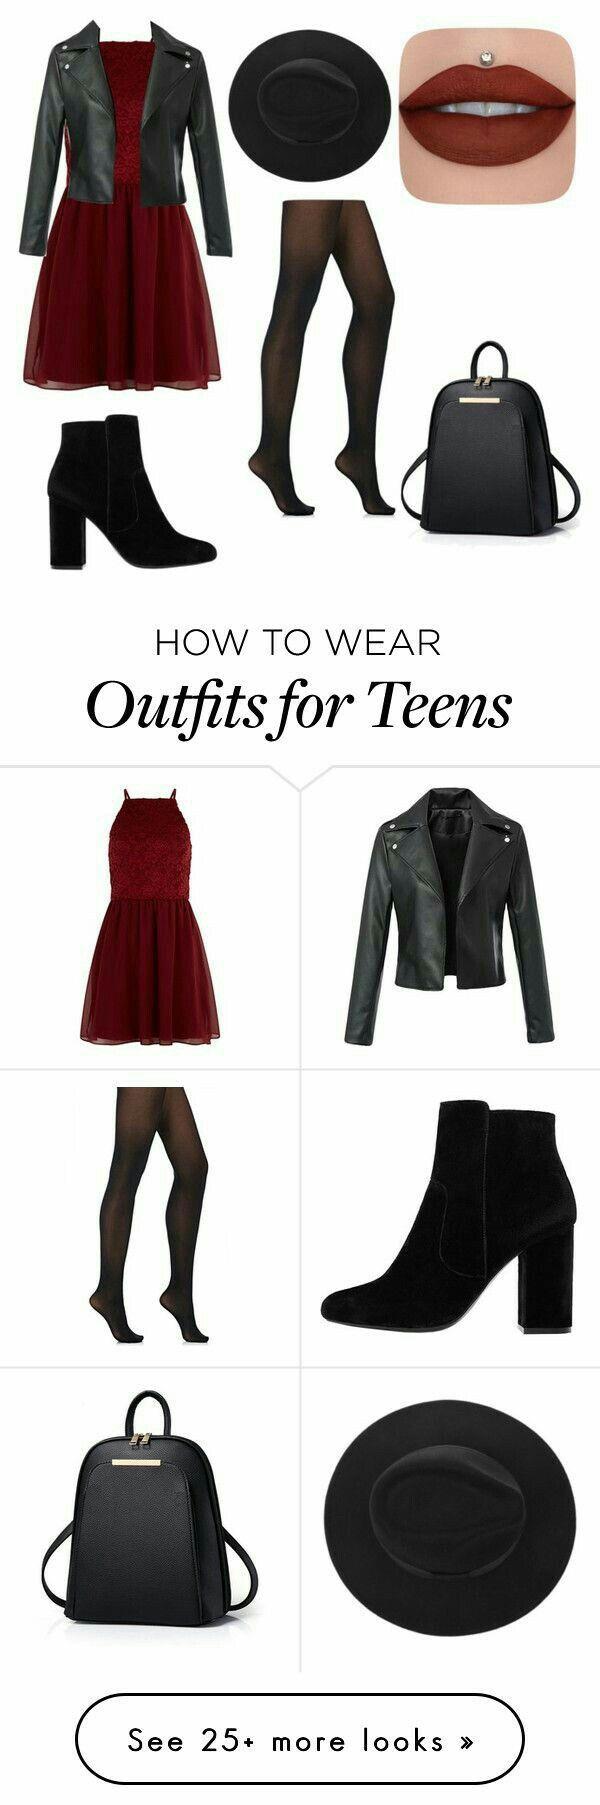 Ich bin tatsächlich ein Teenager für ein weiteres Jahr und ich mag dieses Outfit